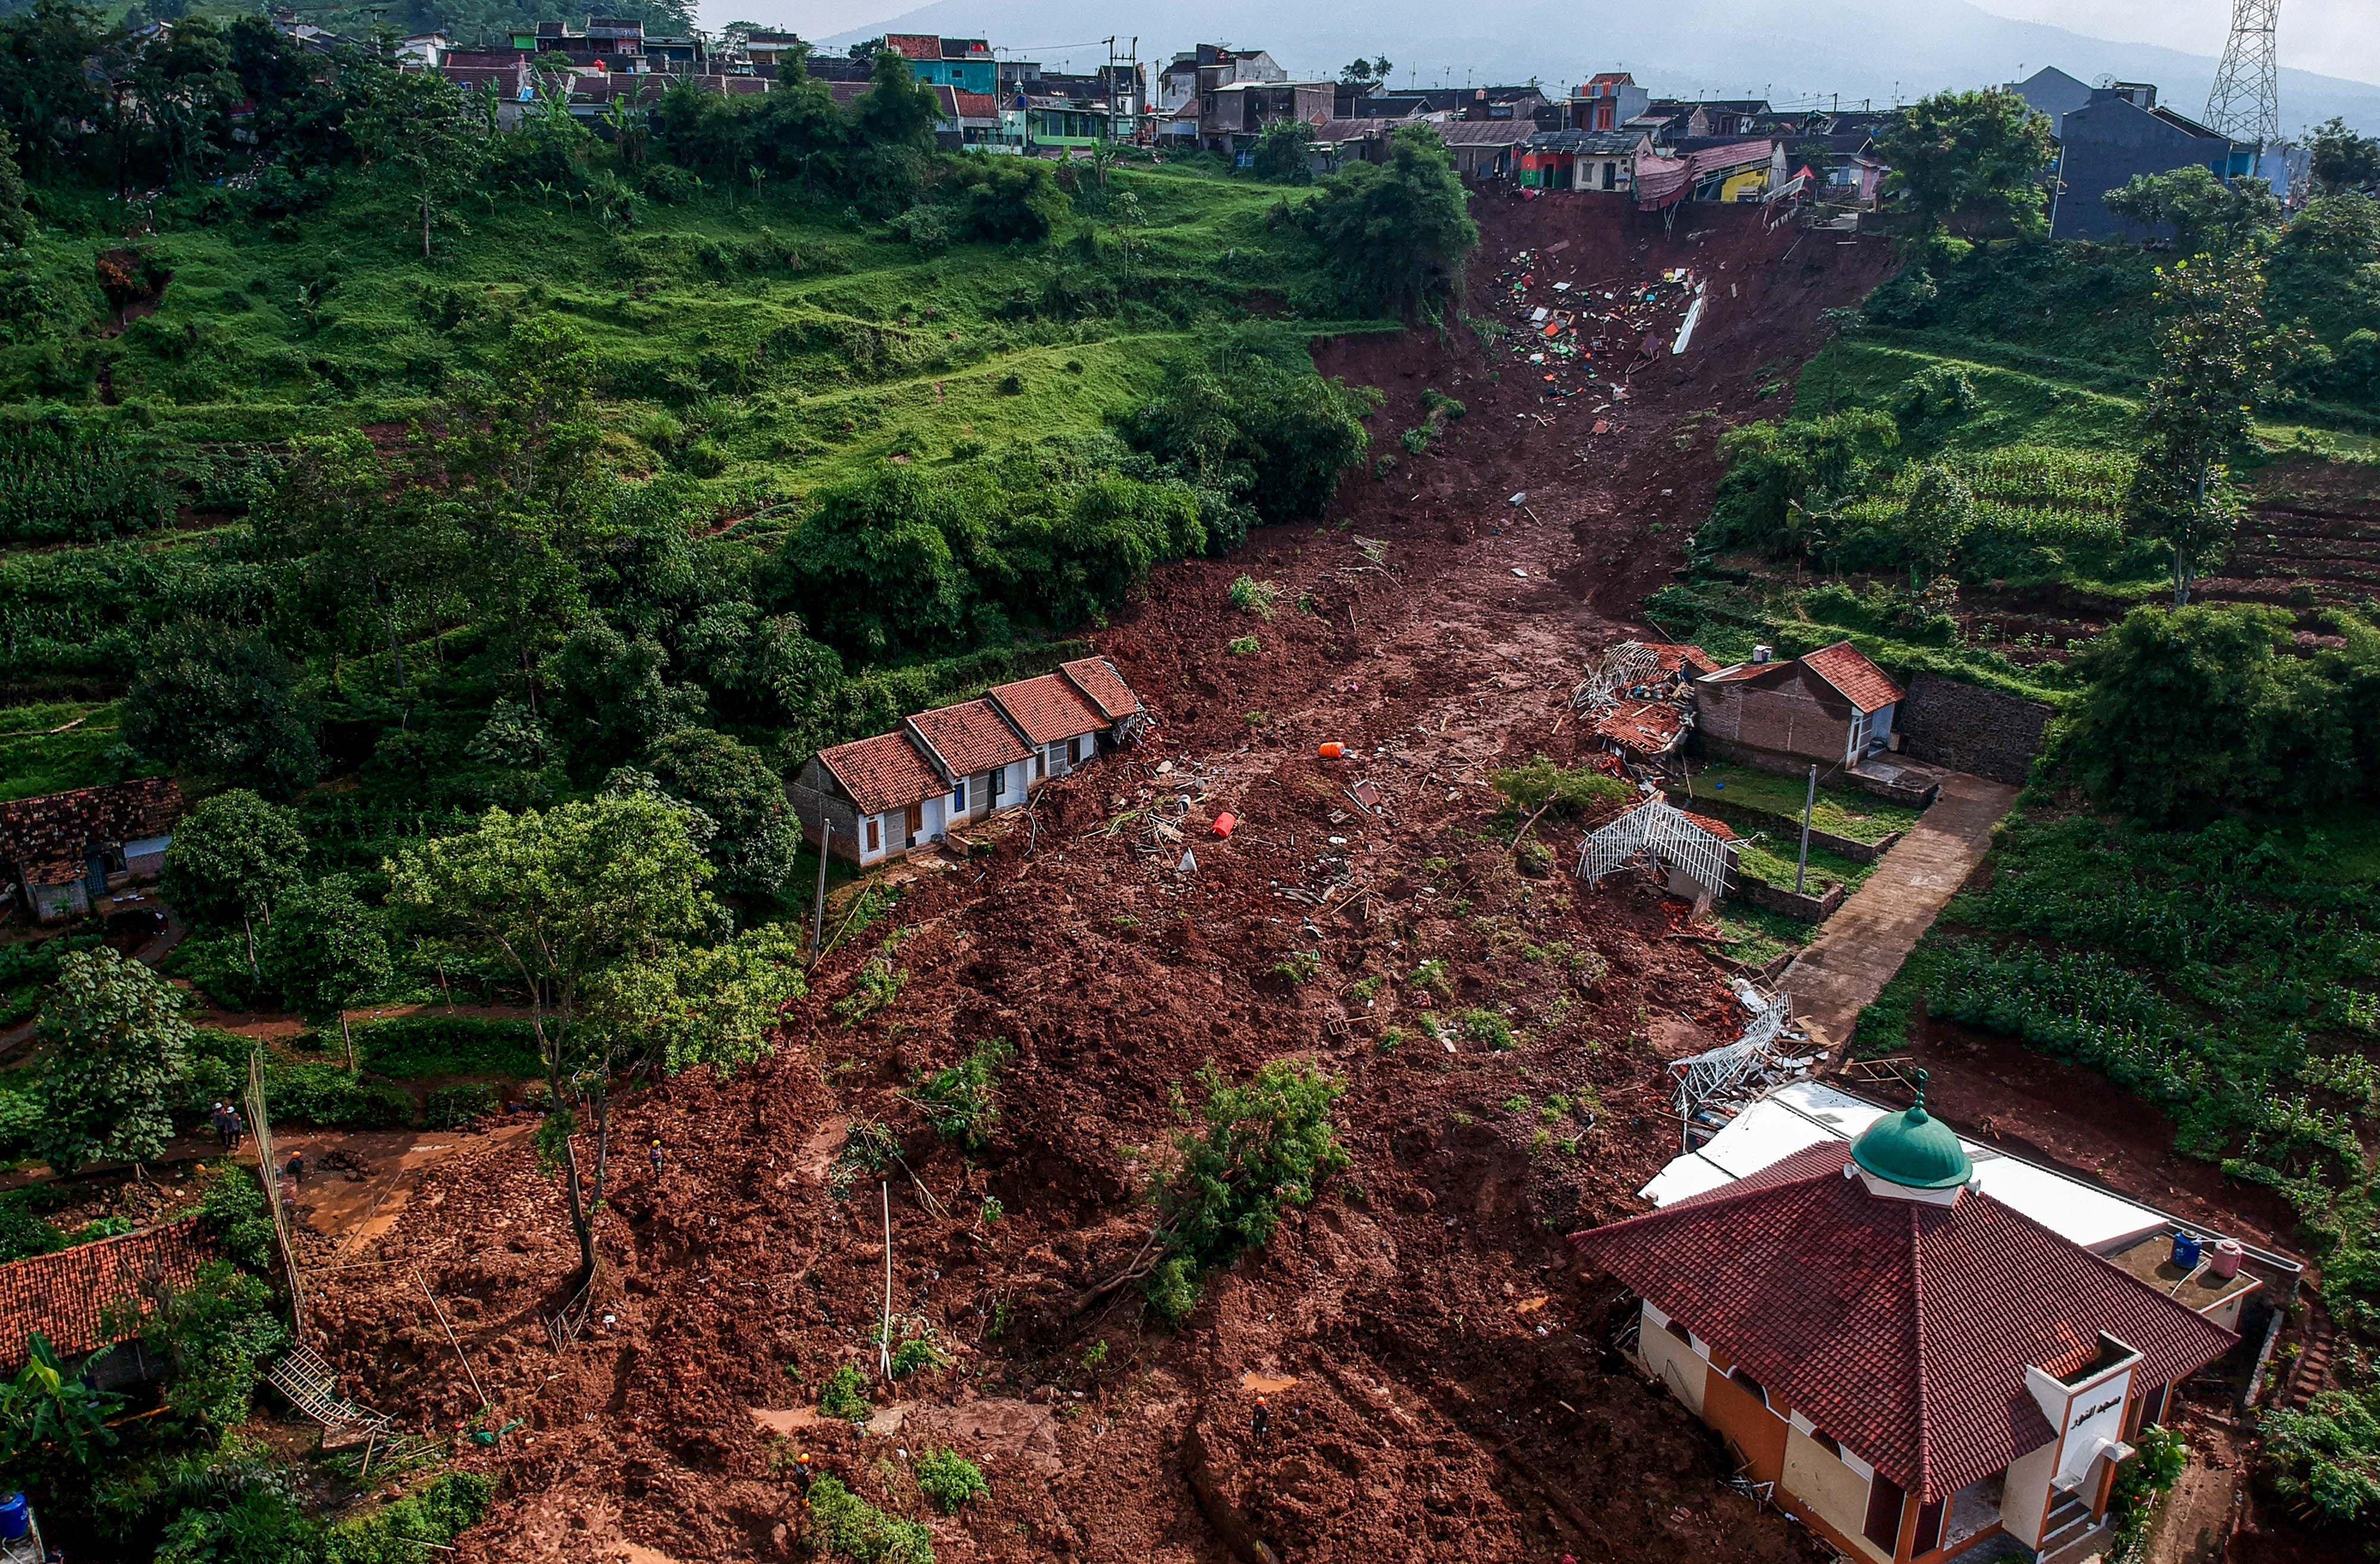 Foto udara bencana tanah longsor di Cimanggung, Kabupaten Sumedang, Jawa Barat, Selasa (12/1/2021). Tim SAR gabungan masih mencari sedikitnya 24 korban hilang yang telah terdata akibat bencana tanah longsor yang terjadi pada Sabtu (9/1) lalu.